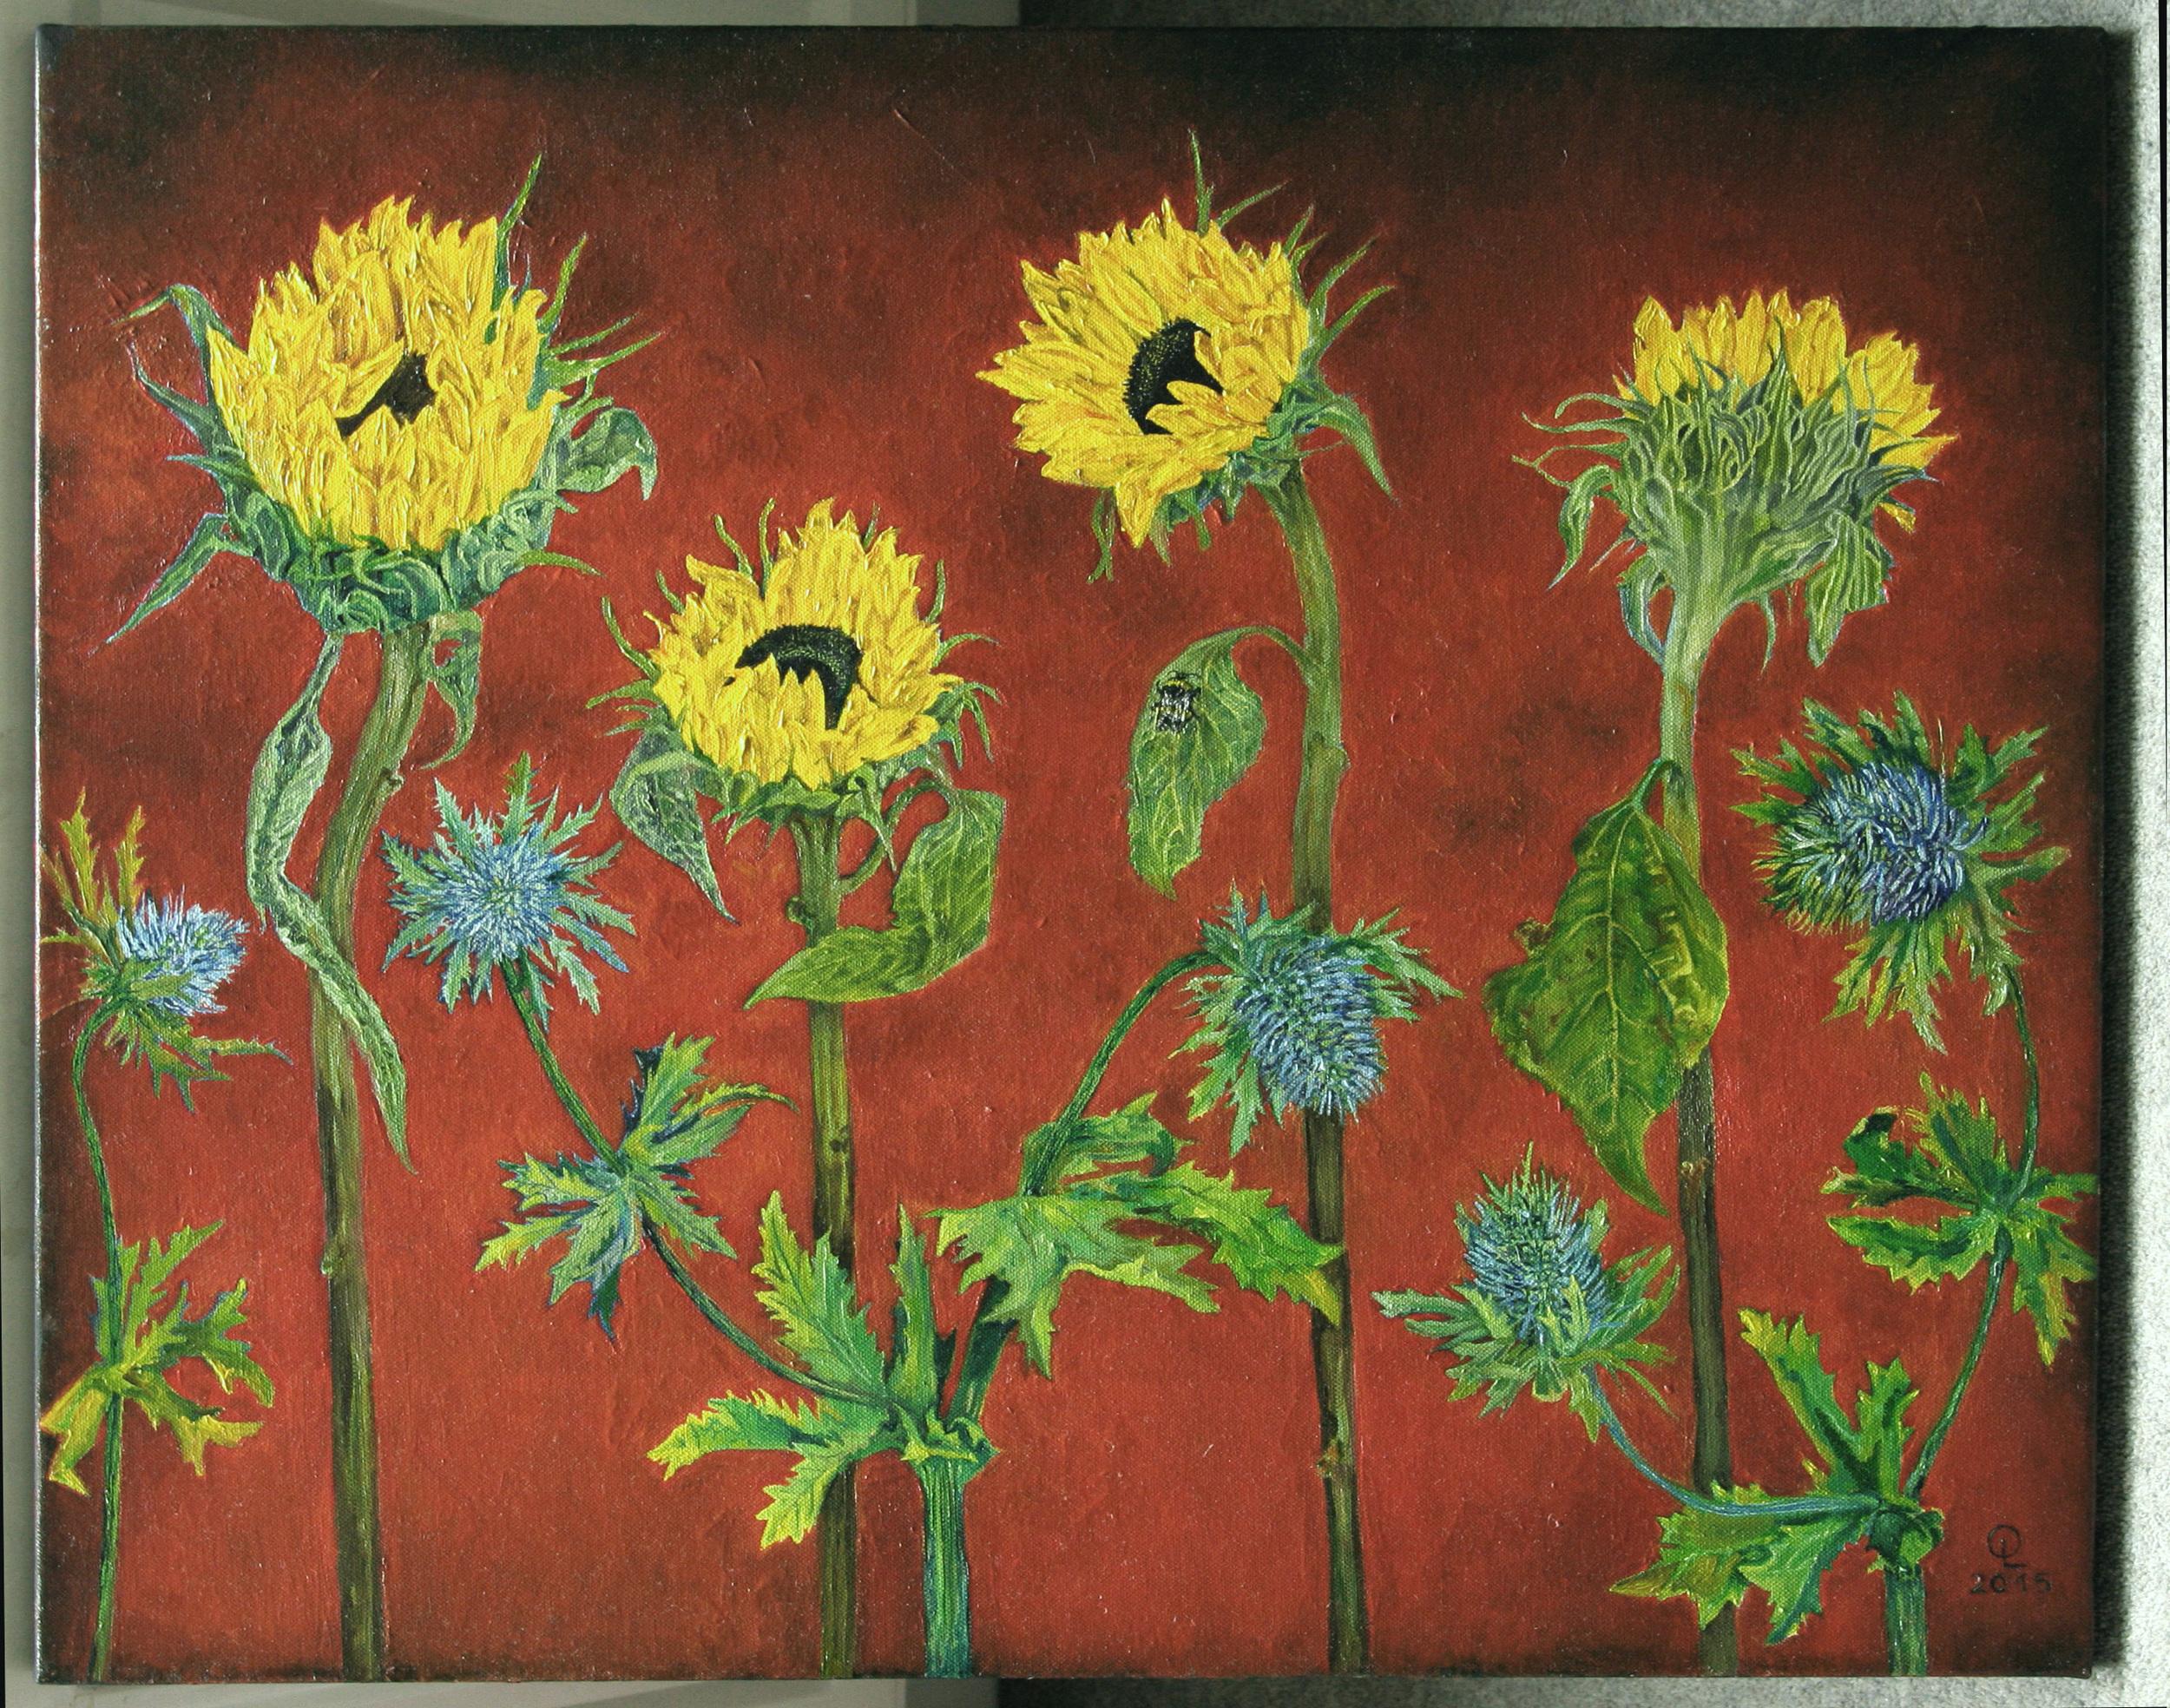 Sunflowers,oil on canvas,76cmx60cm, avaliable for sale